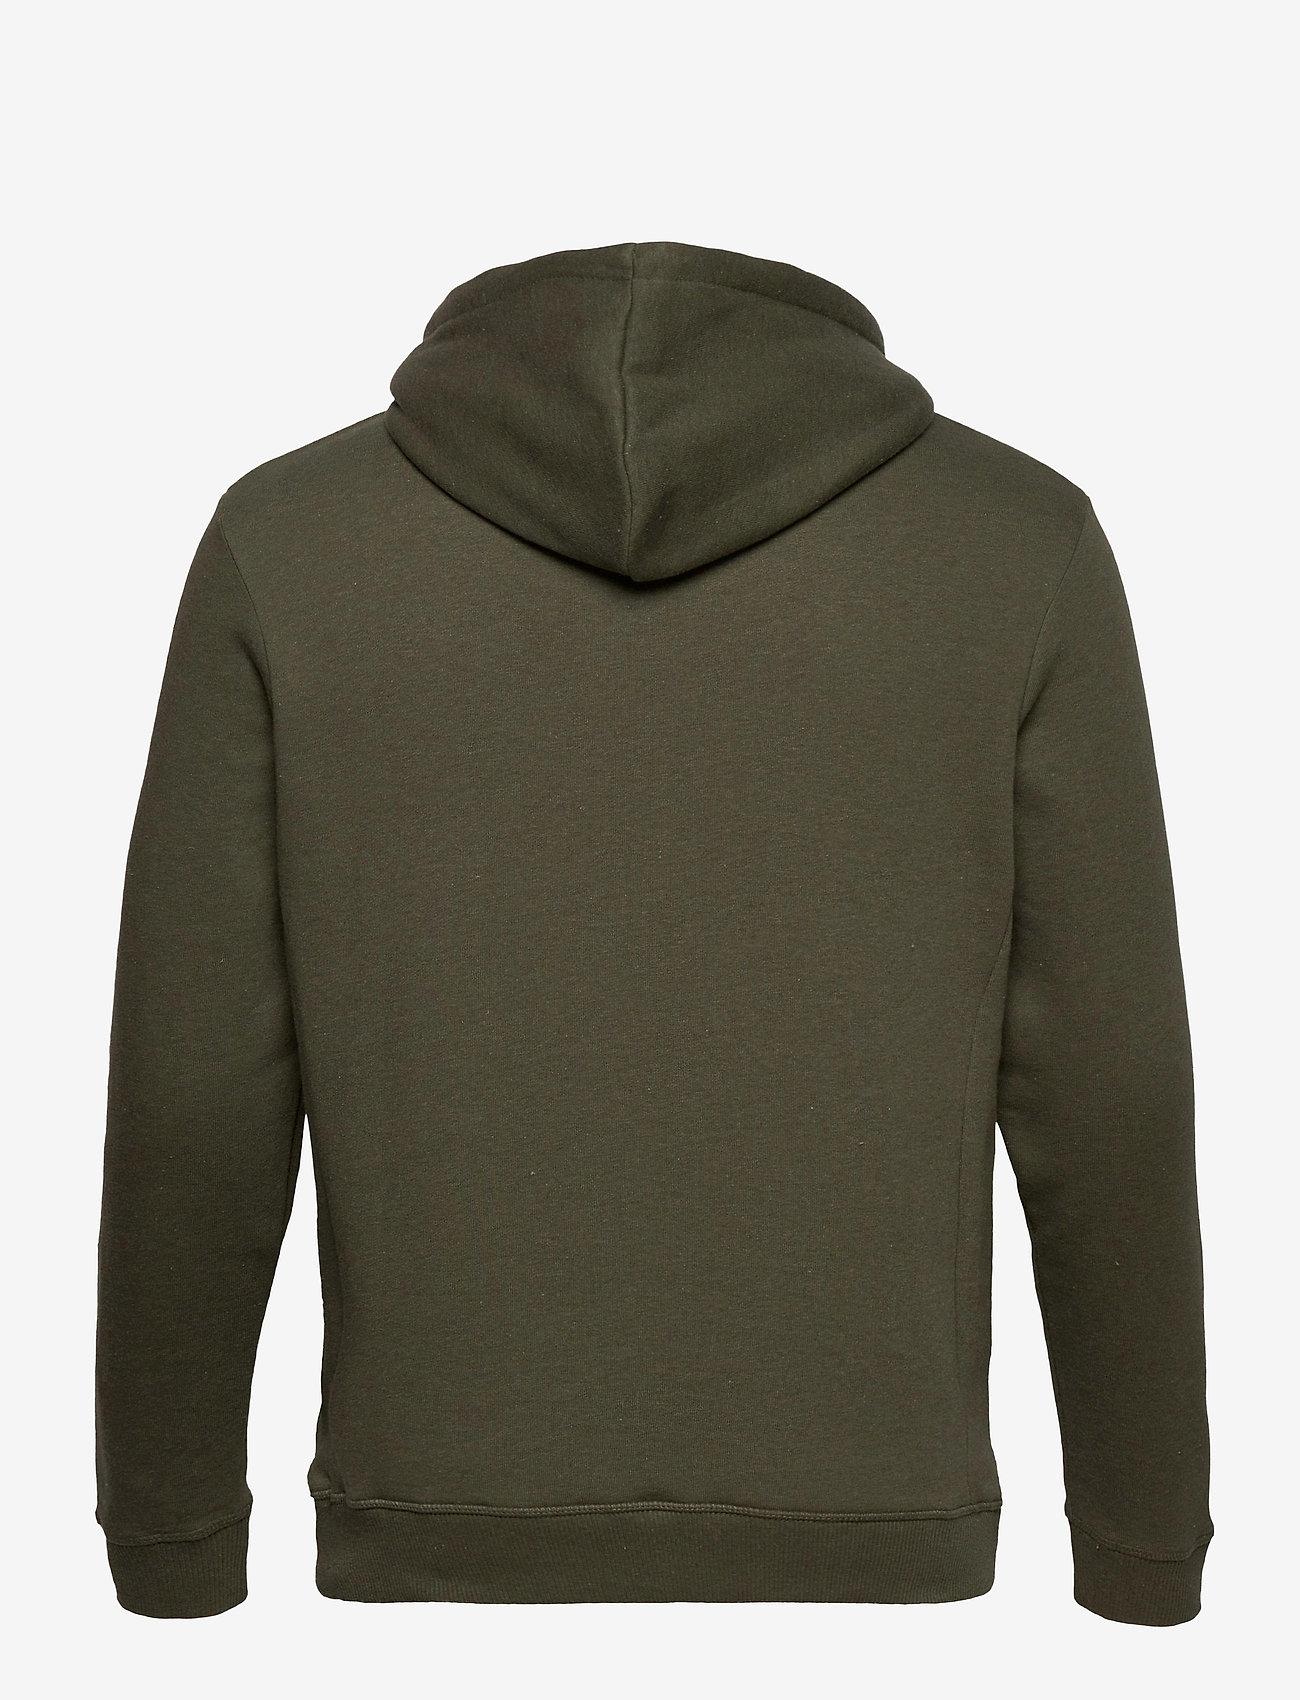 Les Deux Piece Hoodie - Sweatshirts DARK GREEN MELANGE/DARK NAVY-RUSTY BROWN - Menn Klær